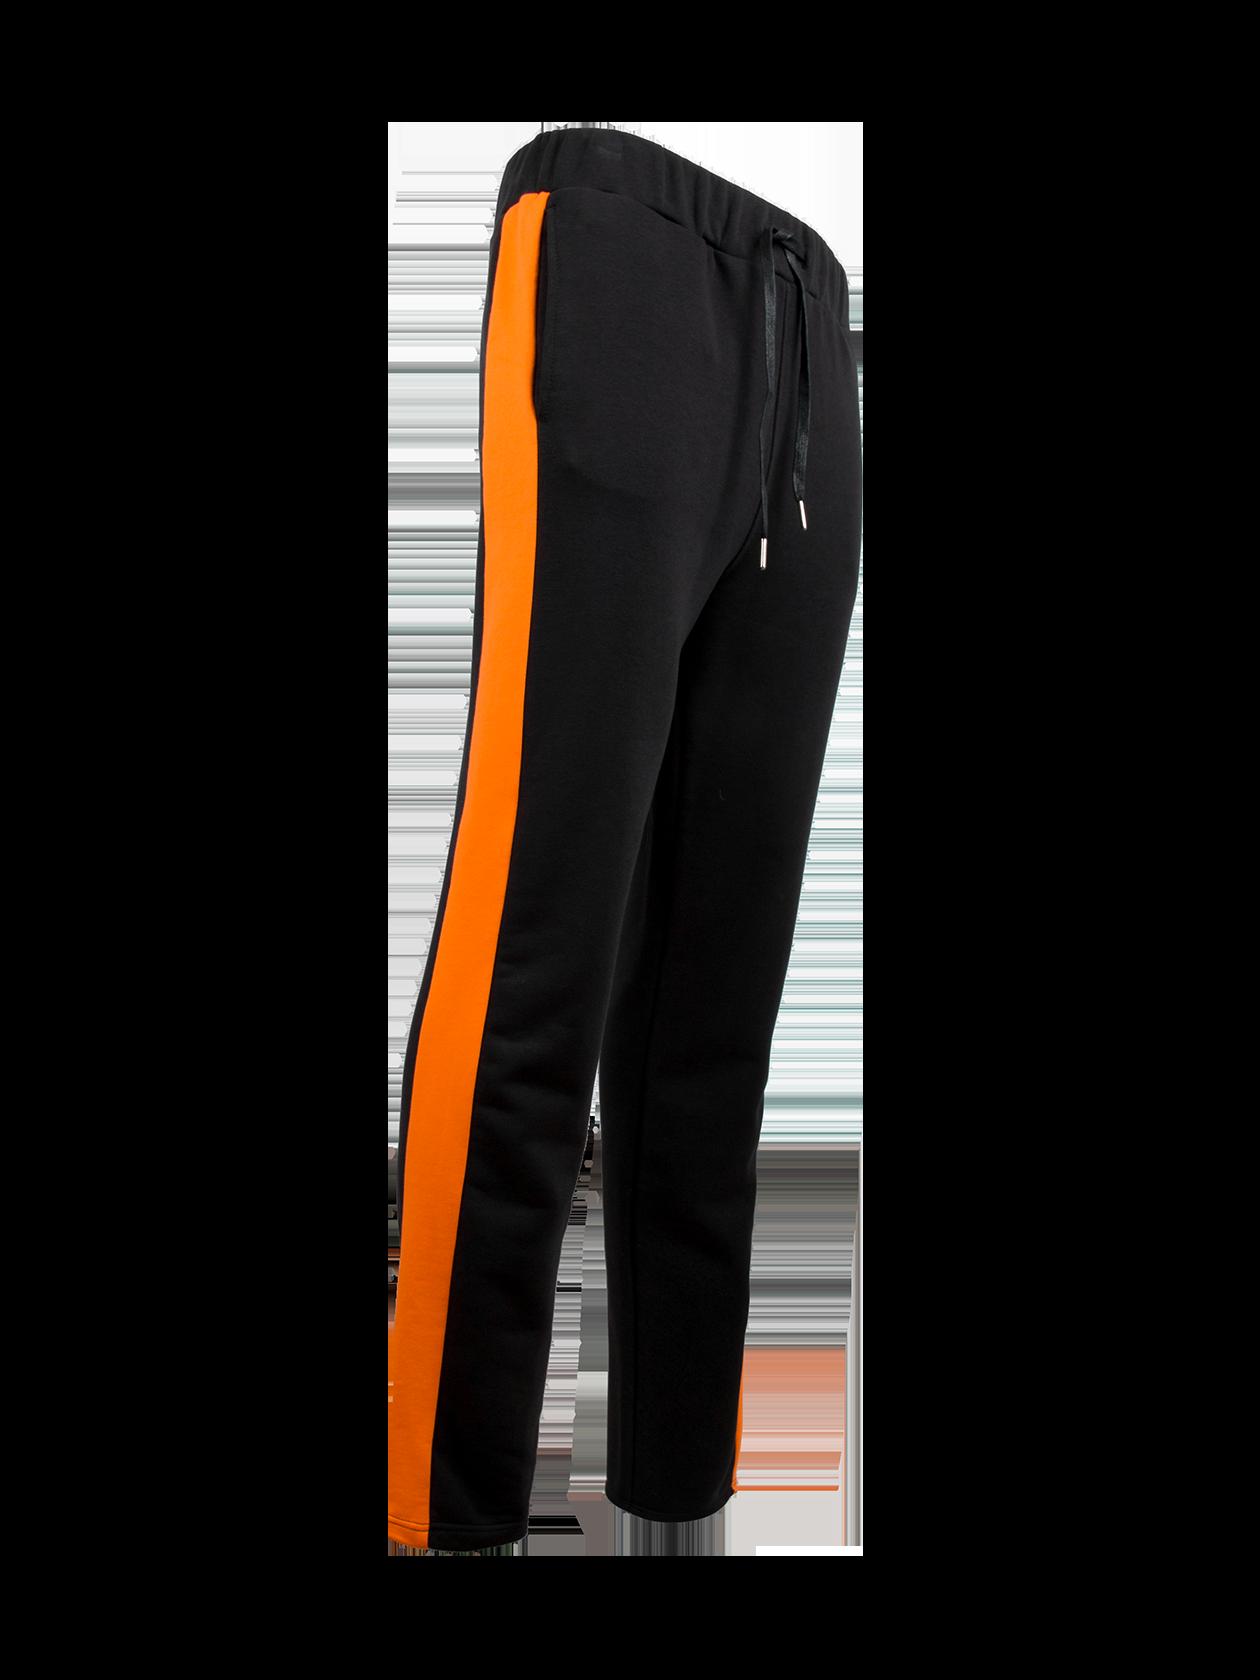 Брюки мужские FIRE FLAMEБрюки мужские Fire Flame из уникальной коллекции Orange Flame для тех, кто не боится бросать вызов на улицах серого урбана. Модель традиционной черной расцветки с эффектными оранжевыми вставками по бокам. Дизайн дополнен широким поясом на завязках и резинках, внутренними боковыми карманами. Изделие из премиального натурального хлопка, сшитого по особой технологии, обладает практичностью и долговечностью. Брюки идеально подходят для спортивной деятельности, прогулок и отдыха.<br><br>Размер: M<br>Цвет: Черный/Оранжевый<br>Пол: Мужской